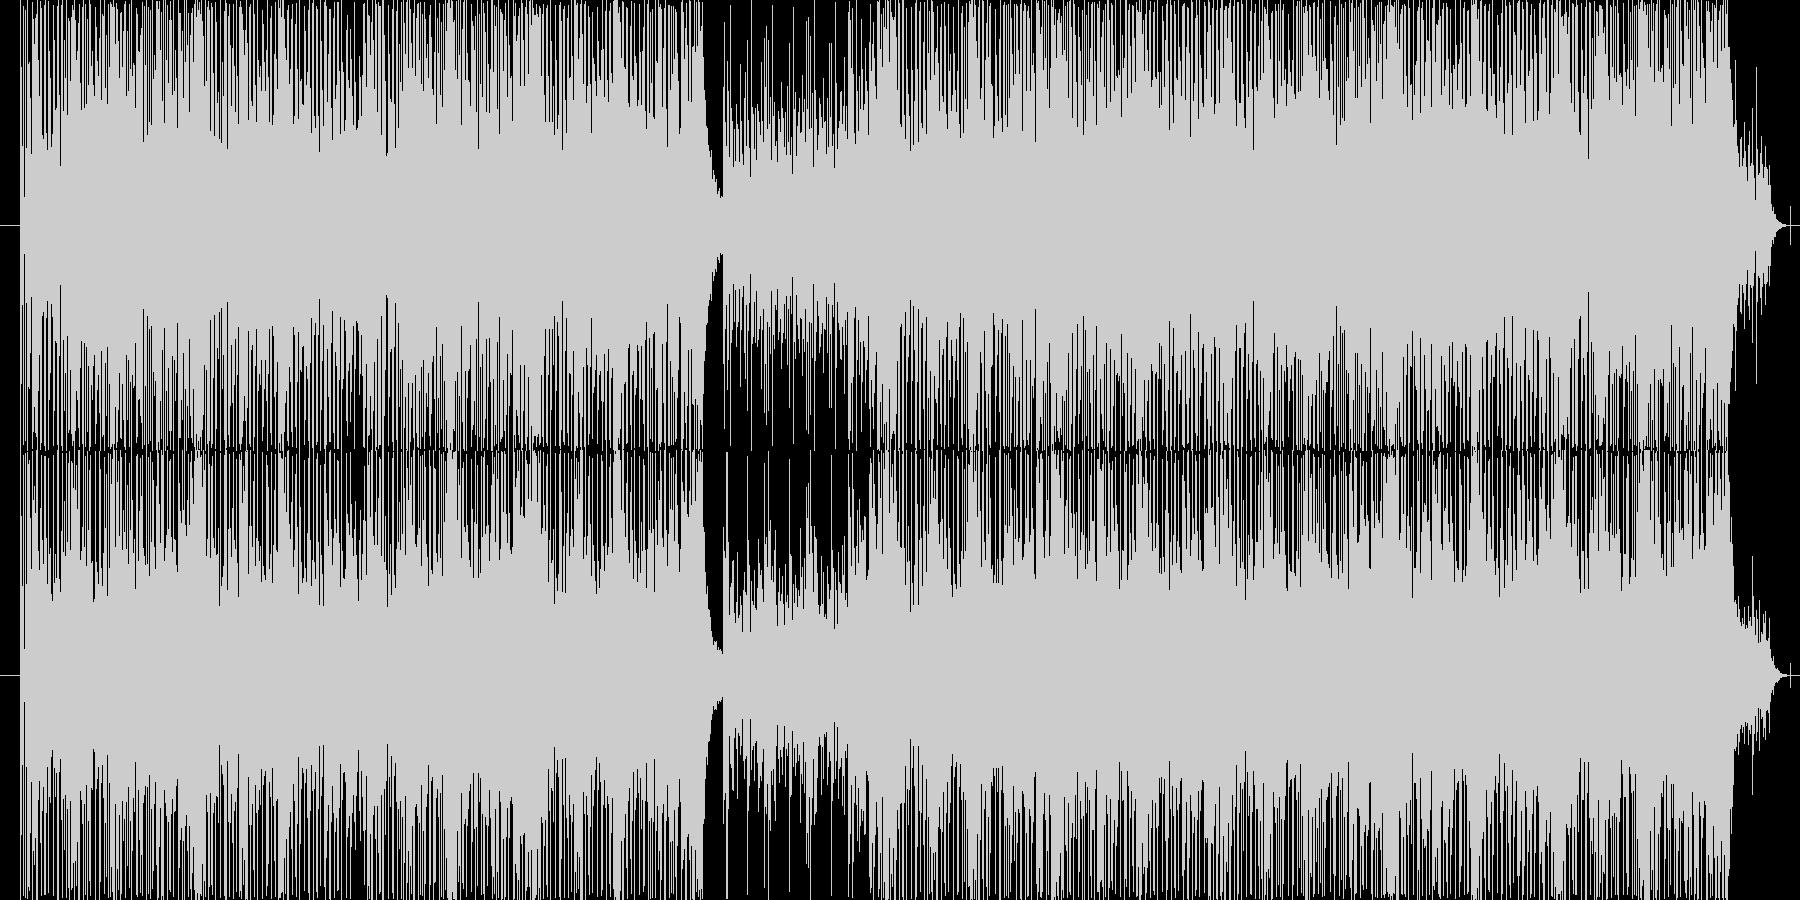 ピアノをメインにミステリアスに仕上げま…の未再生の波形